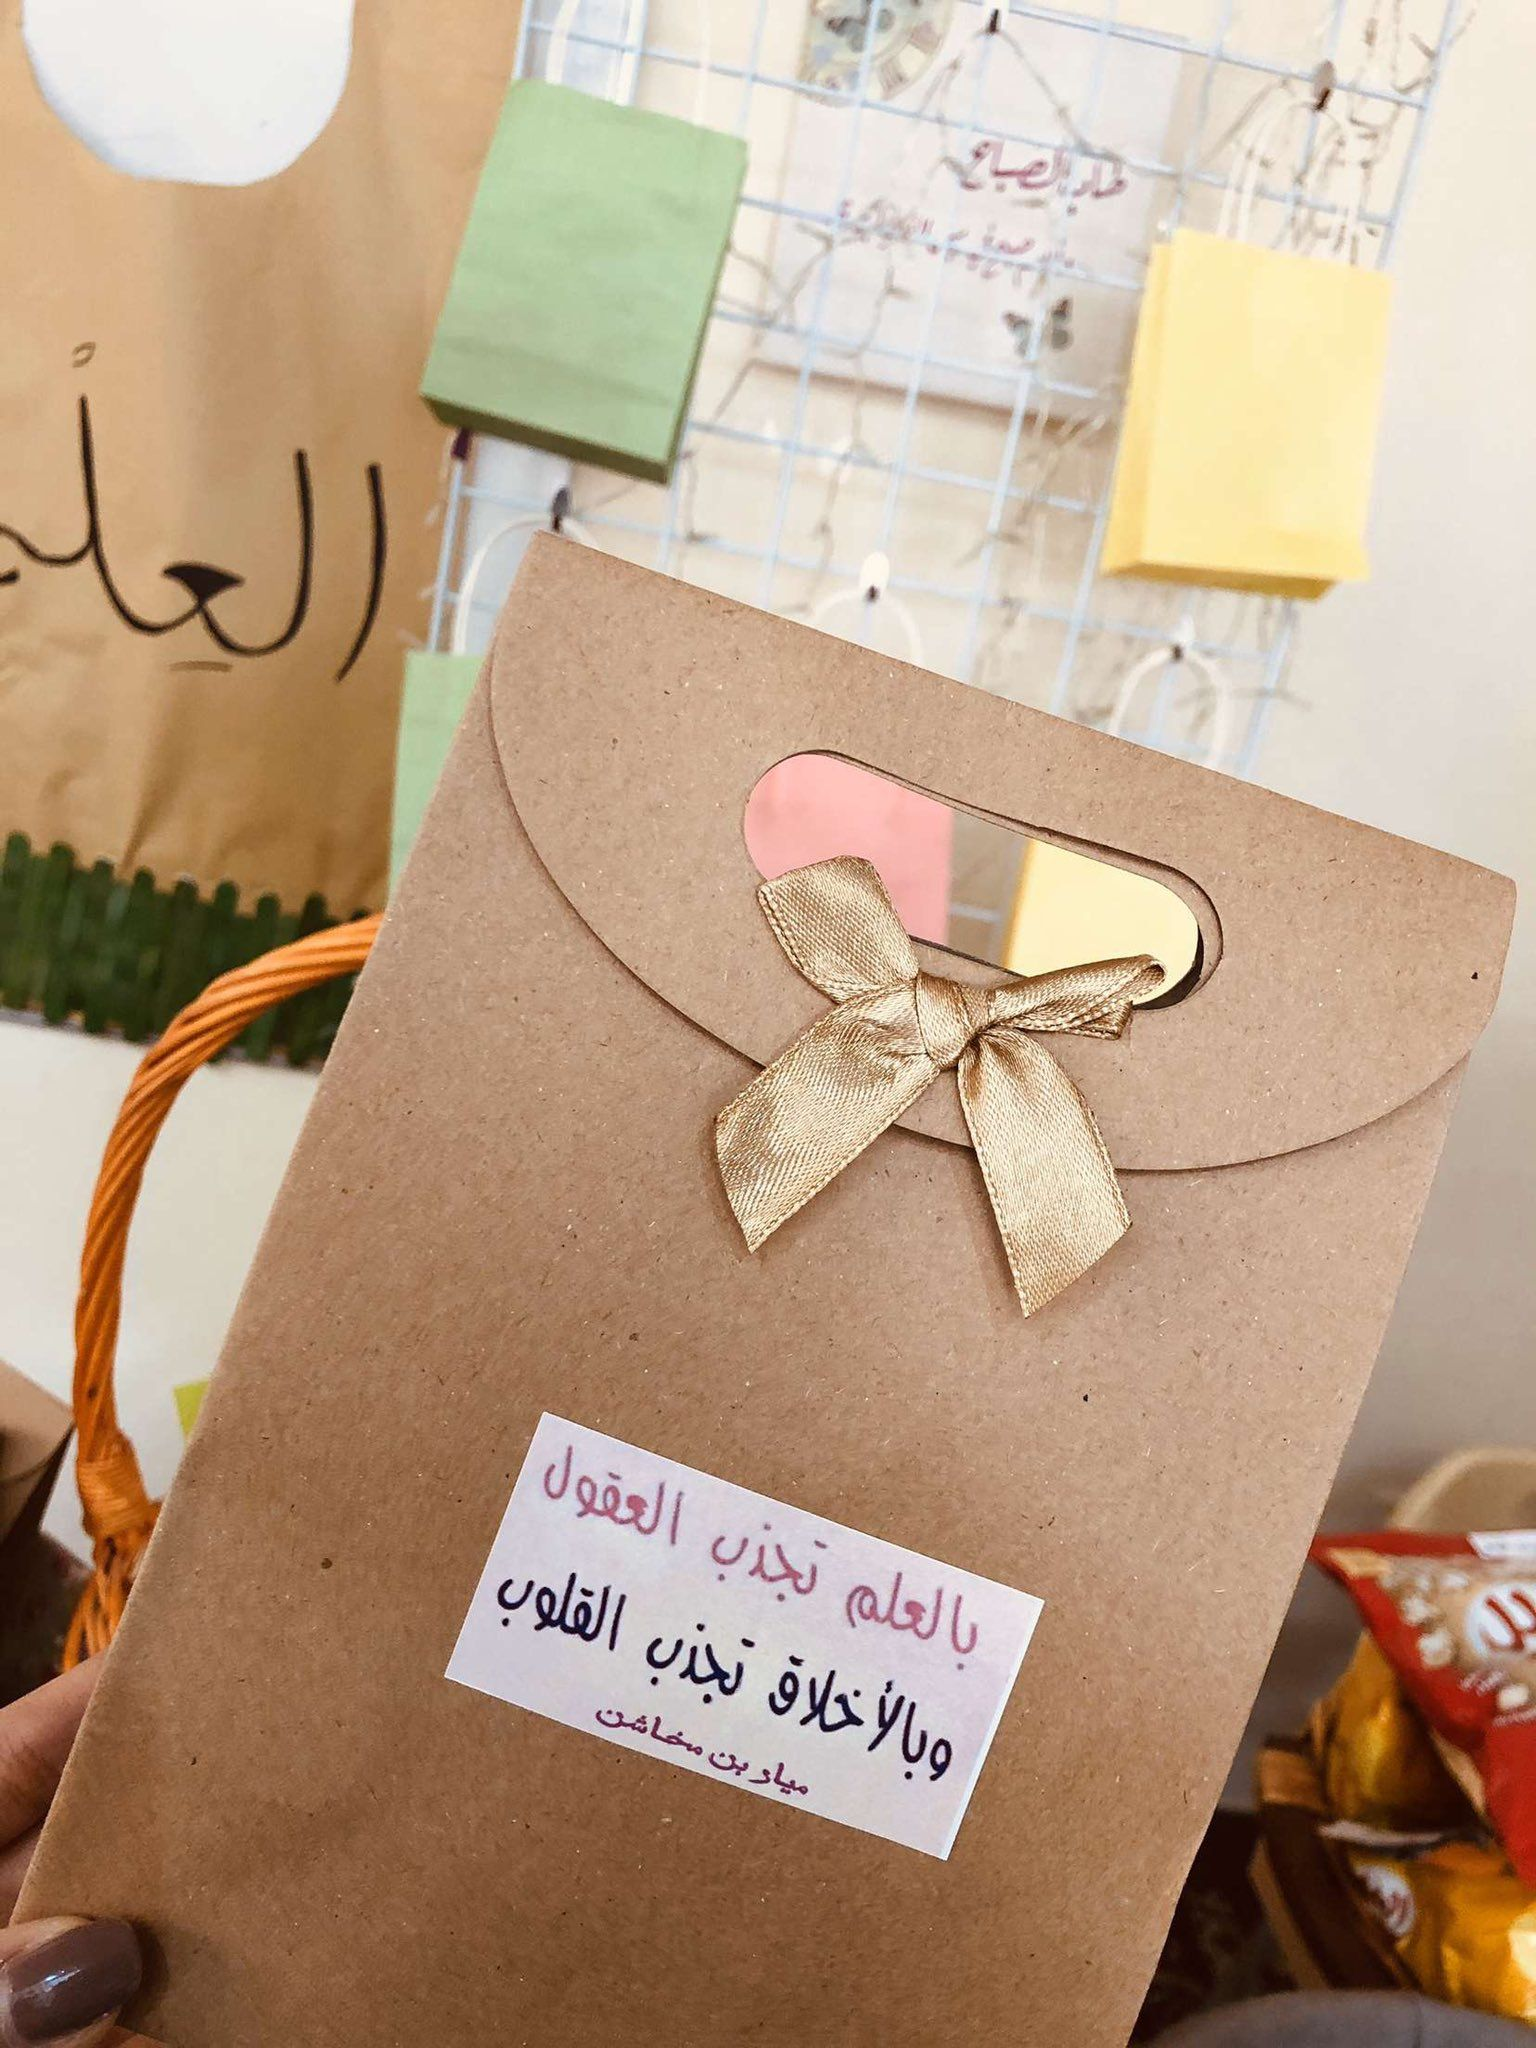 برامج نادي القيم بالعلم تجذب العقول وبالأخلاق تجذب القلوب مصطفى نور الدين Gifts Gift Wrapping Learning